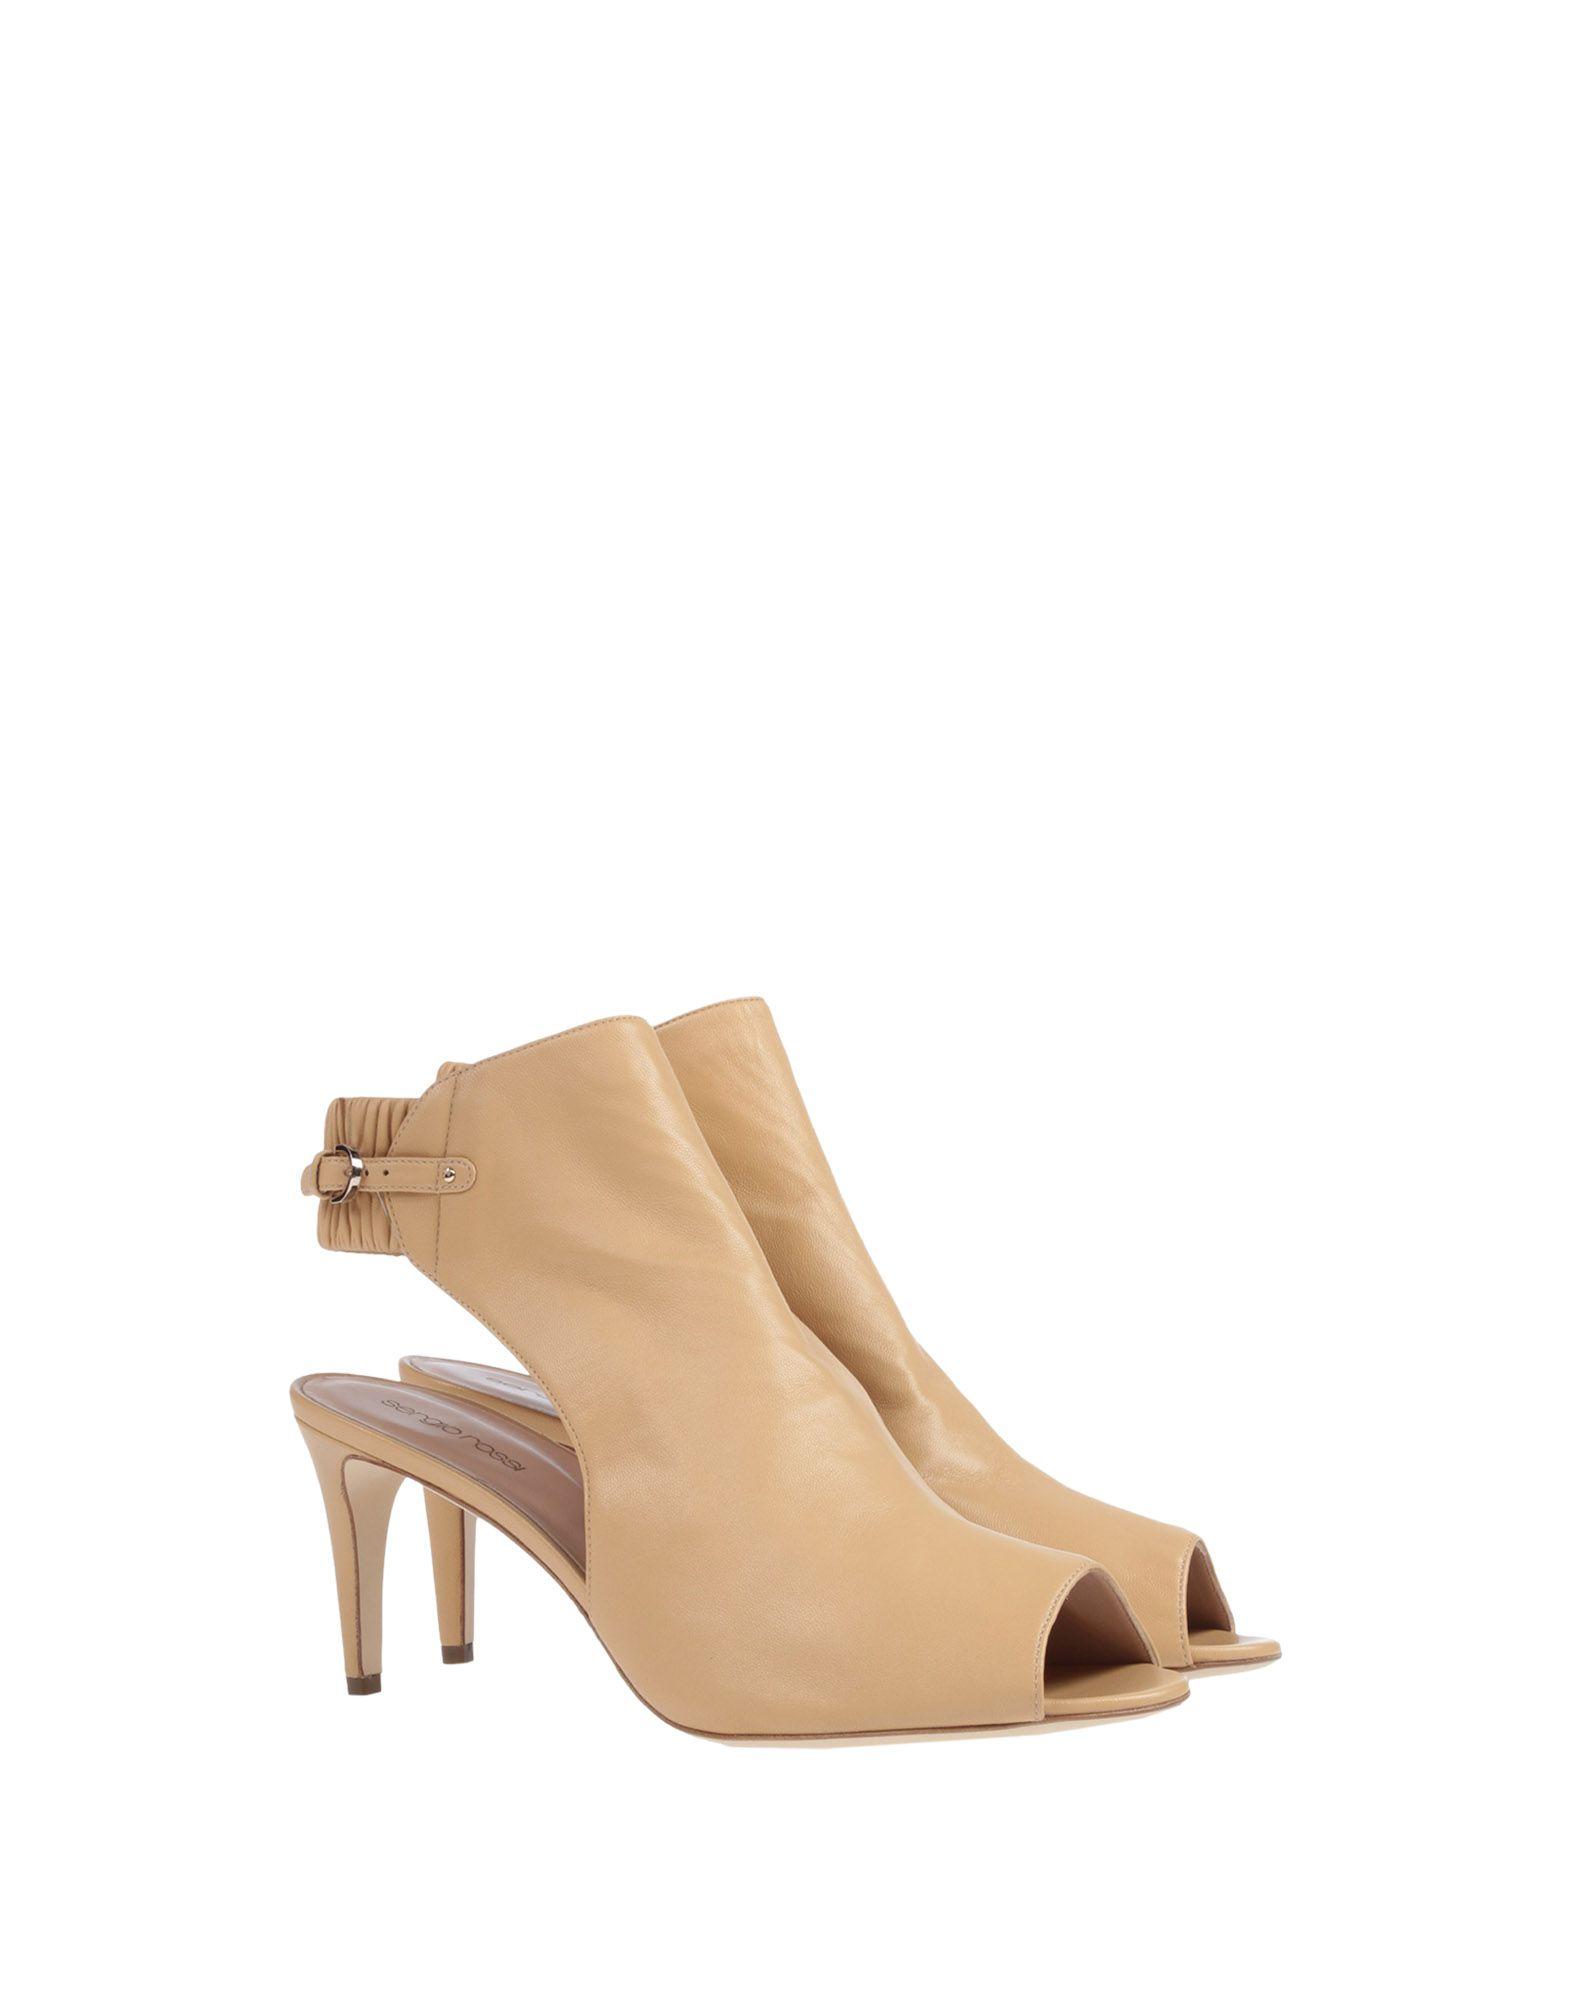 Sergio Rossi Sandalen Damen Schuhe  11454377NBGünstige gut aussehende Schuhe Damen 4cbbc2